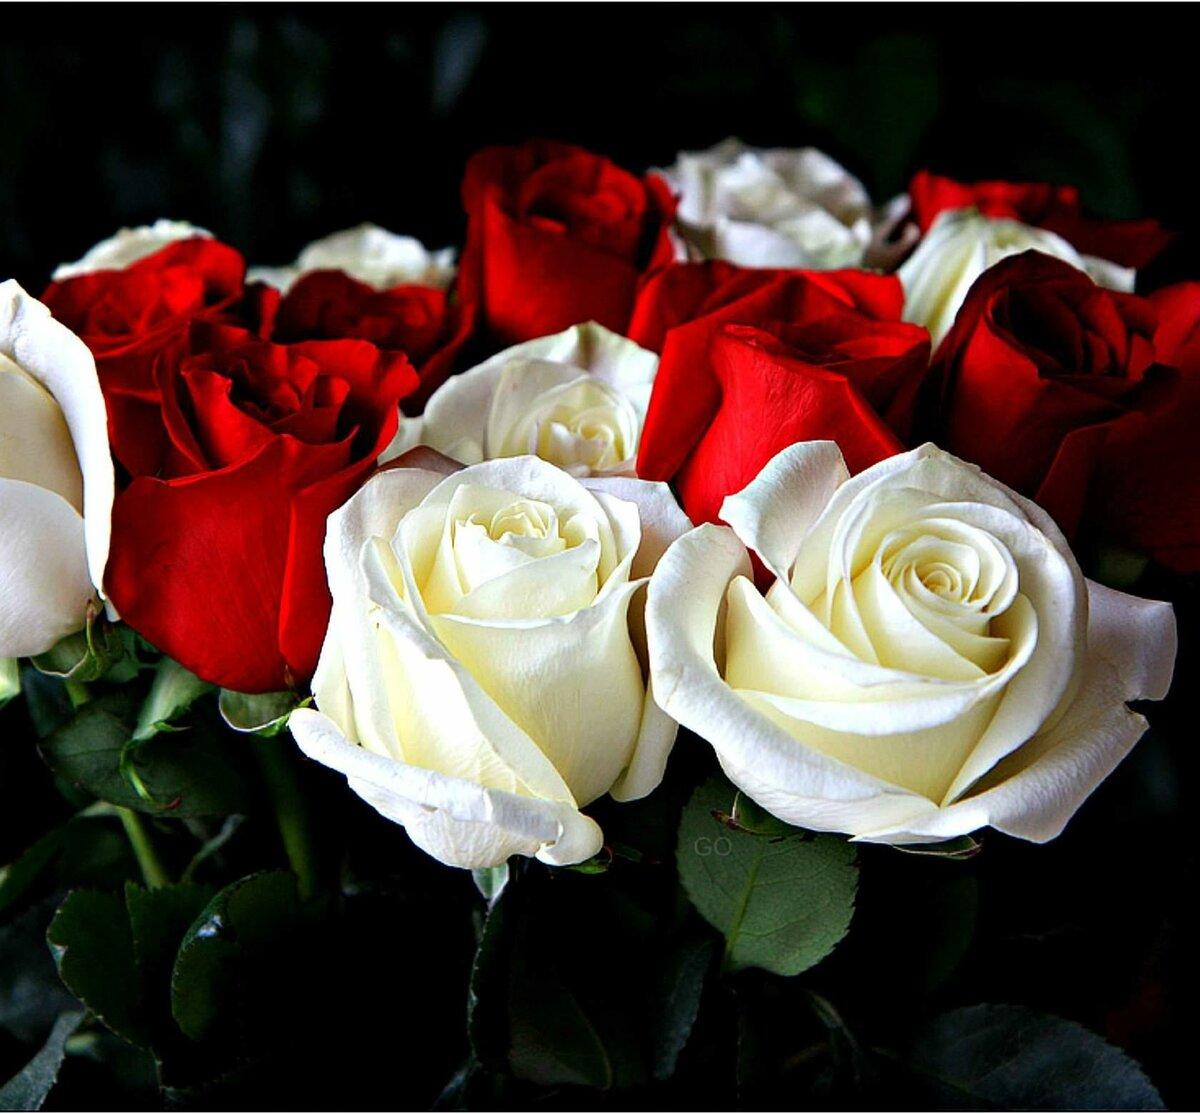 Картинки с розами красными и белыми